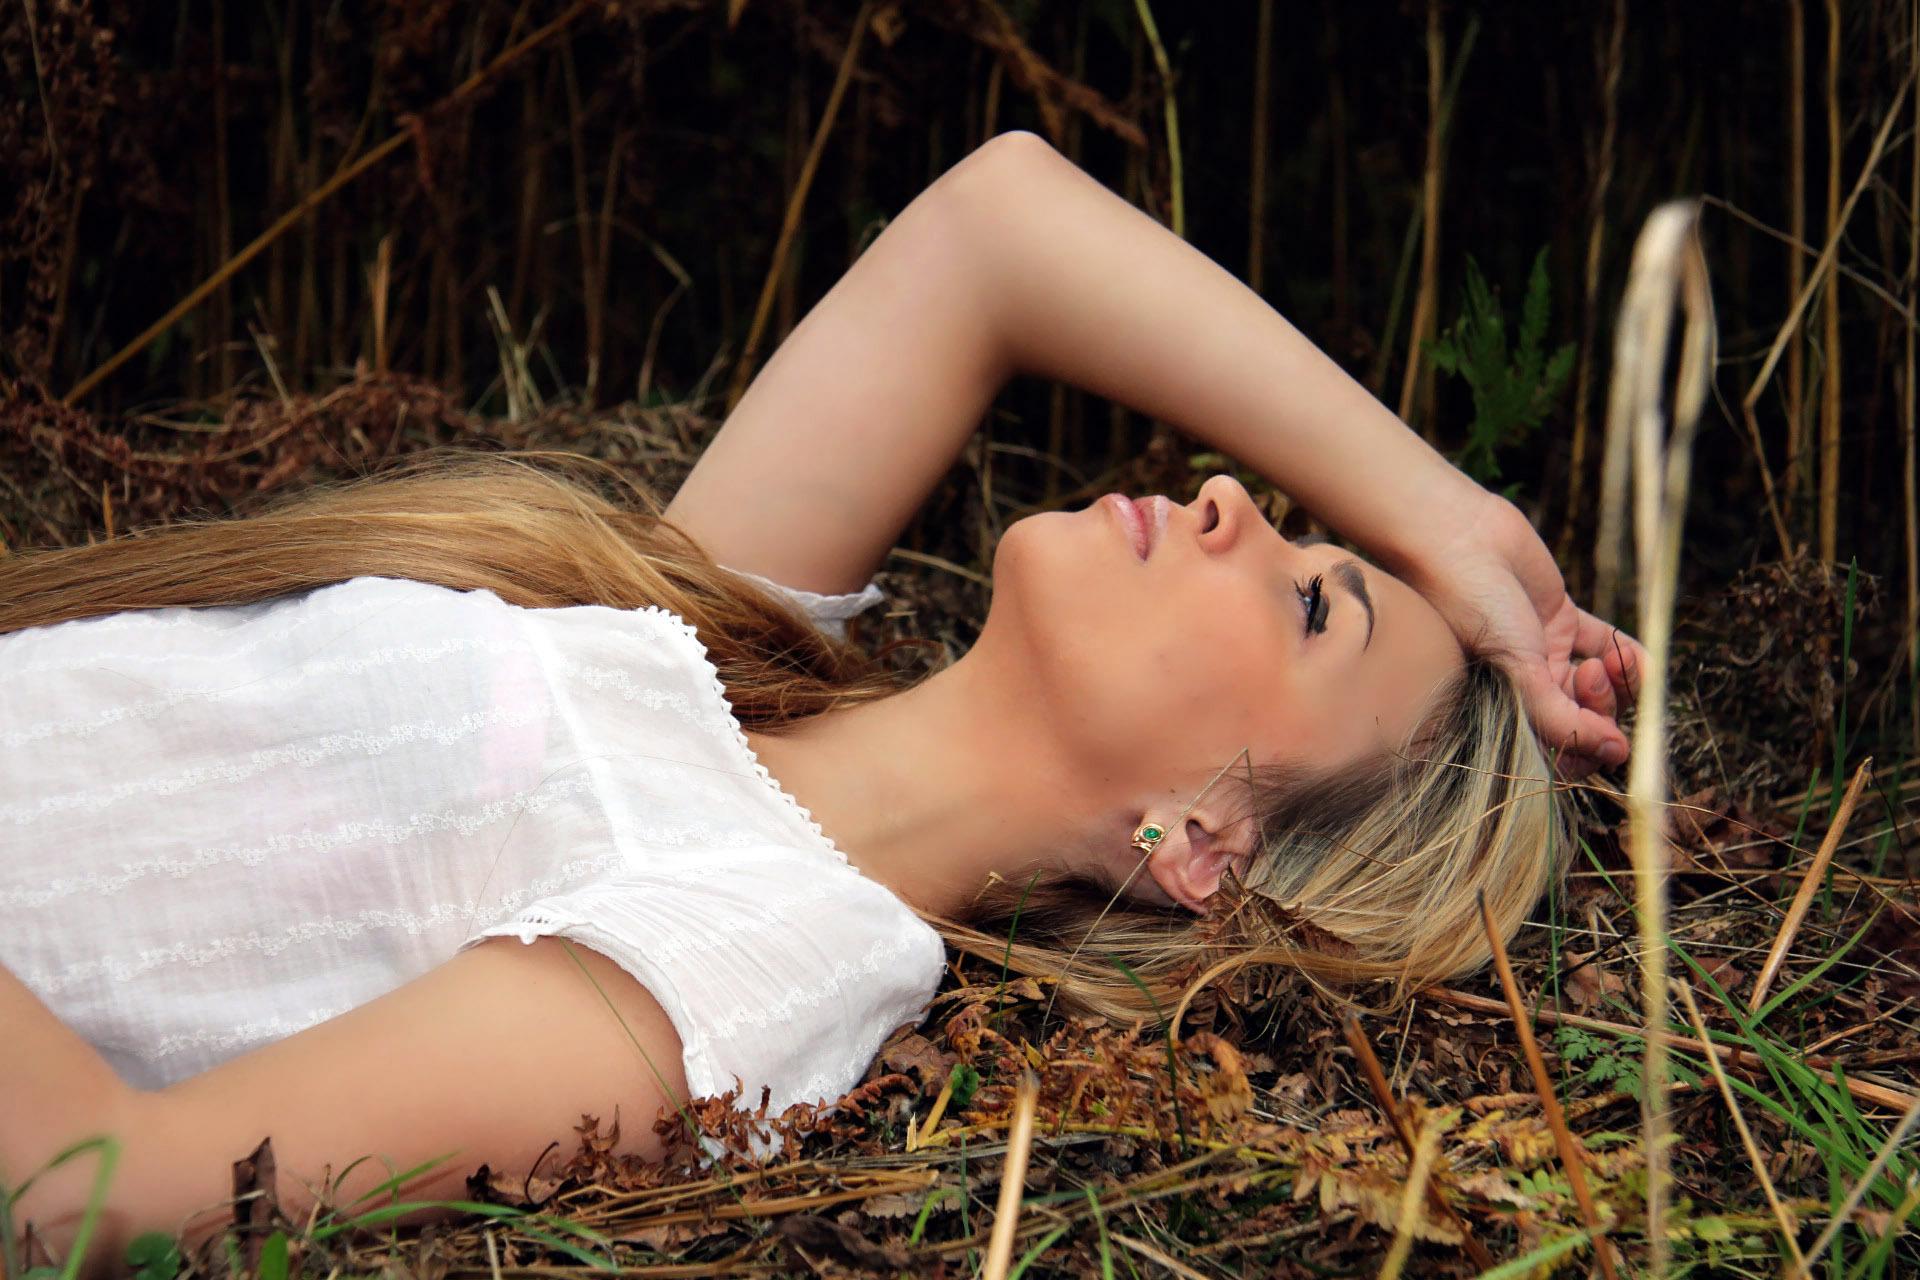 девушка трава блондинка  № 2678707 бесплатно